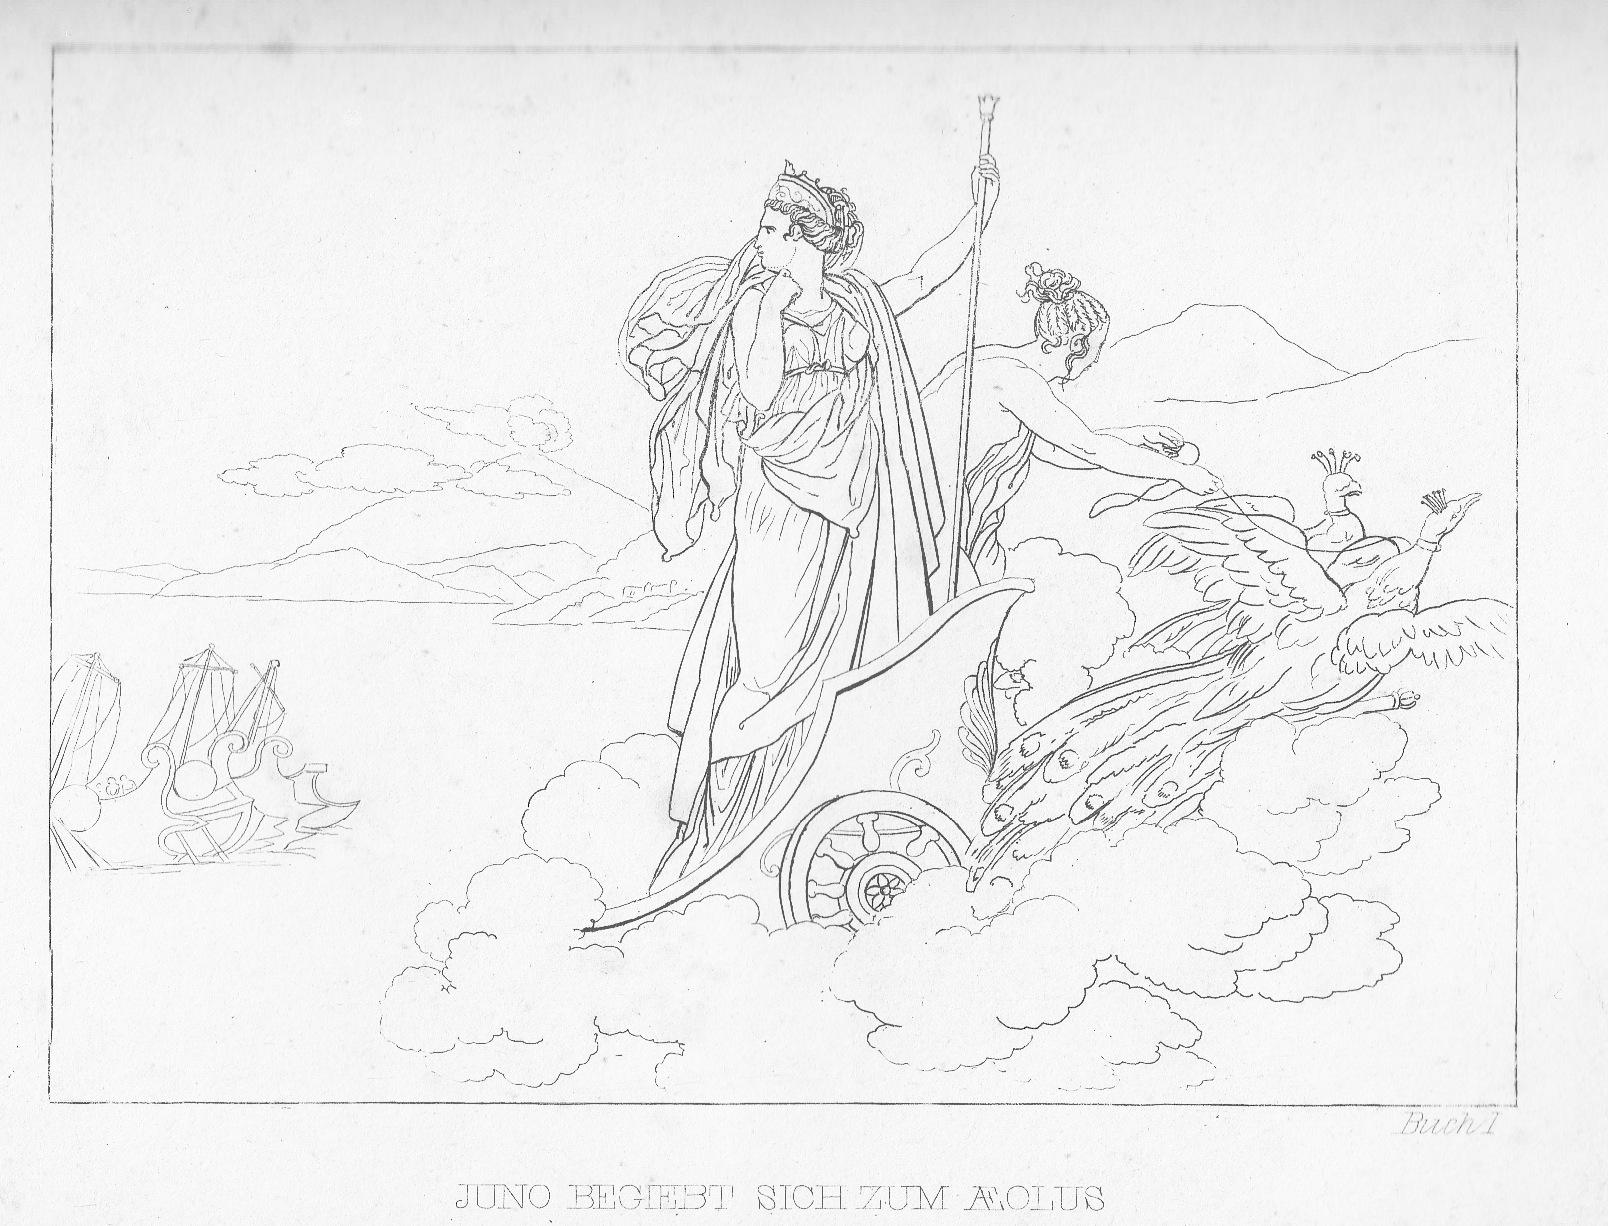 Iuno fährt zu Aeolus